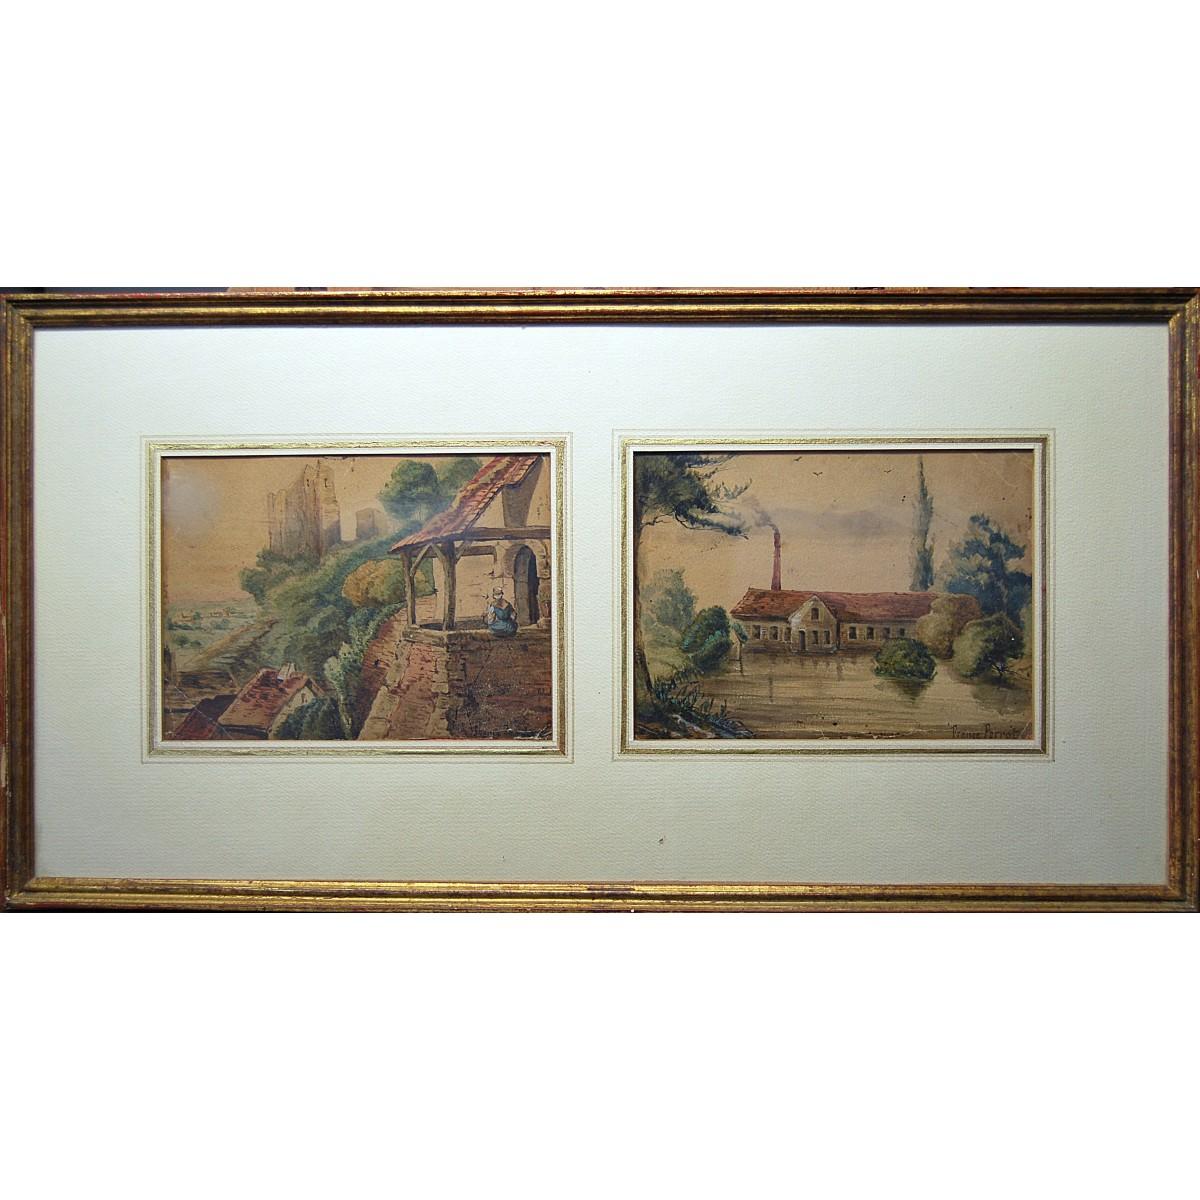 Paisajes, pareja de acuarelas, siglo XIX.